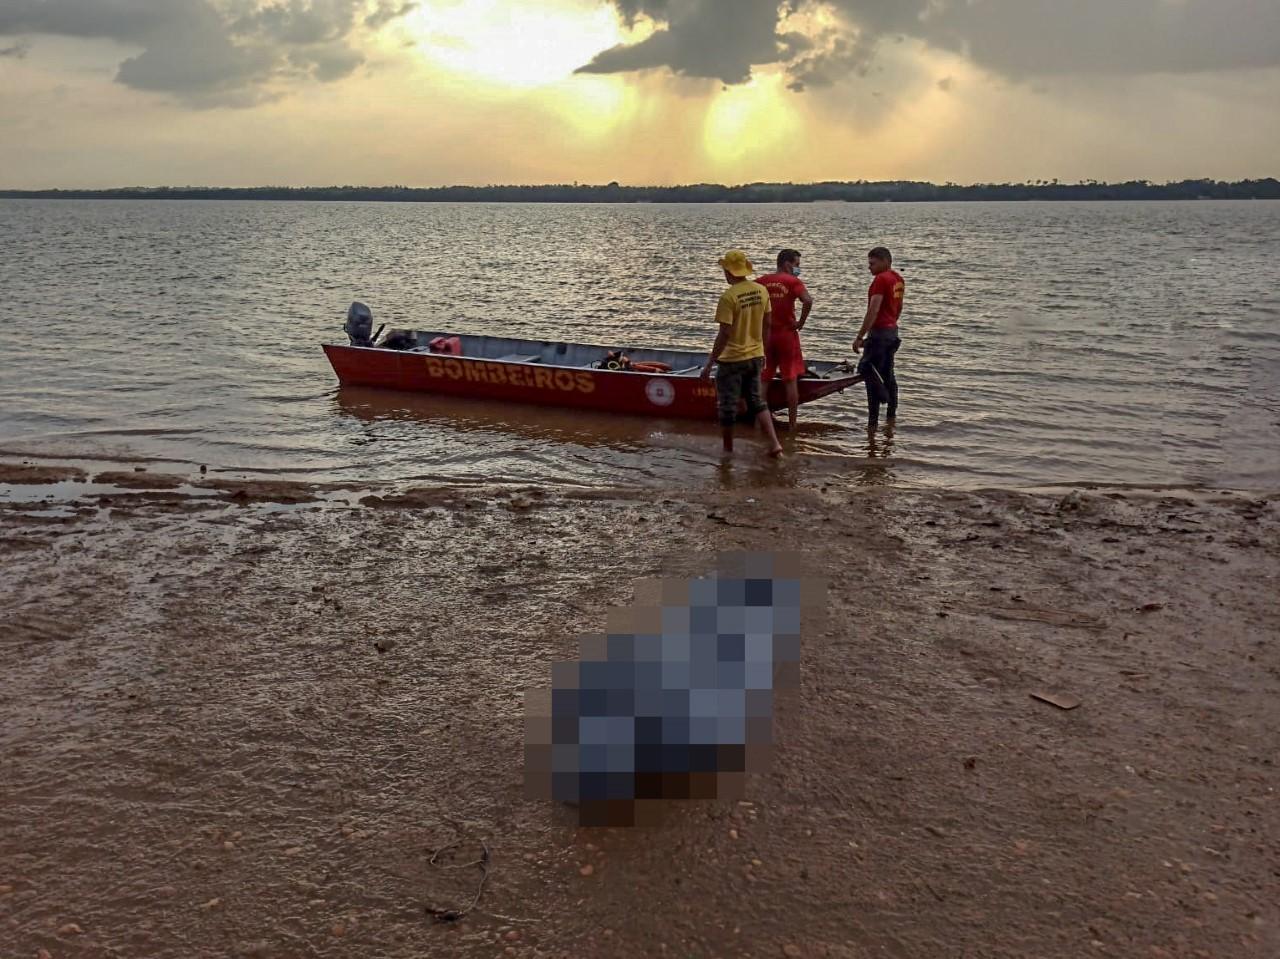 Afogamento: bombeiros militares resgatam corpo de homem de 40 anos, em Araguatins